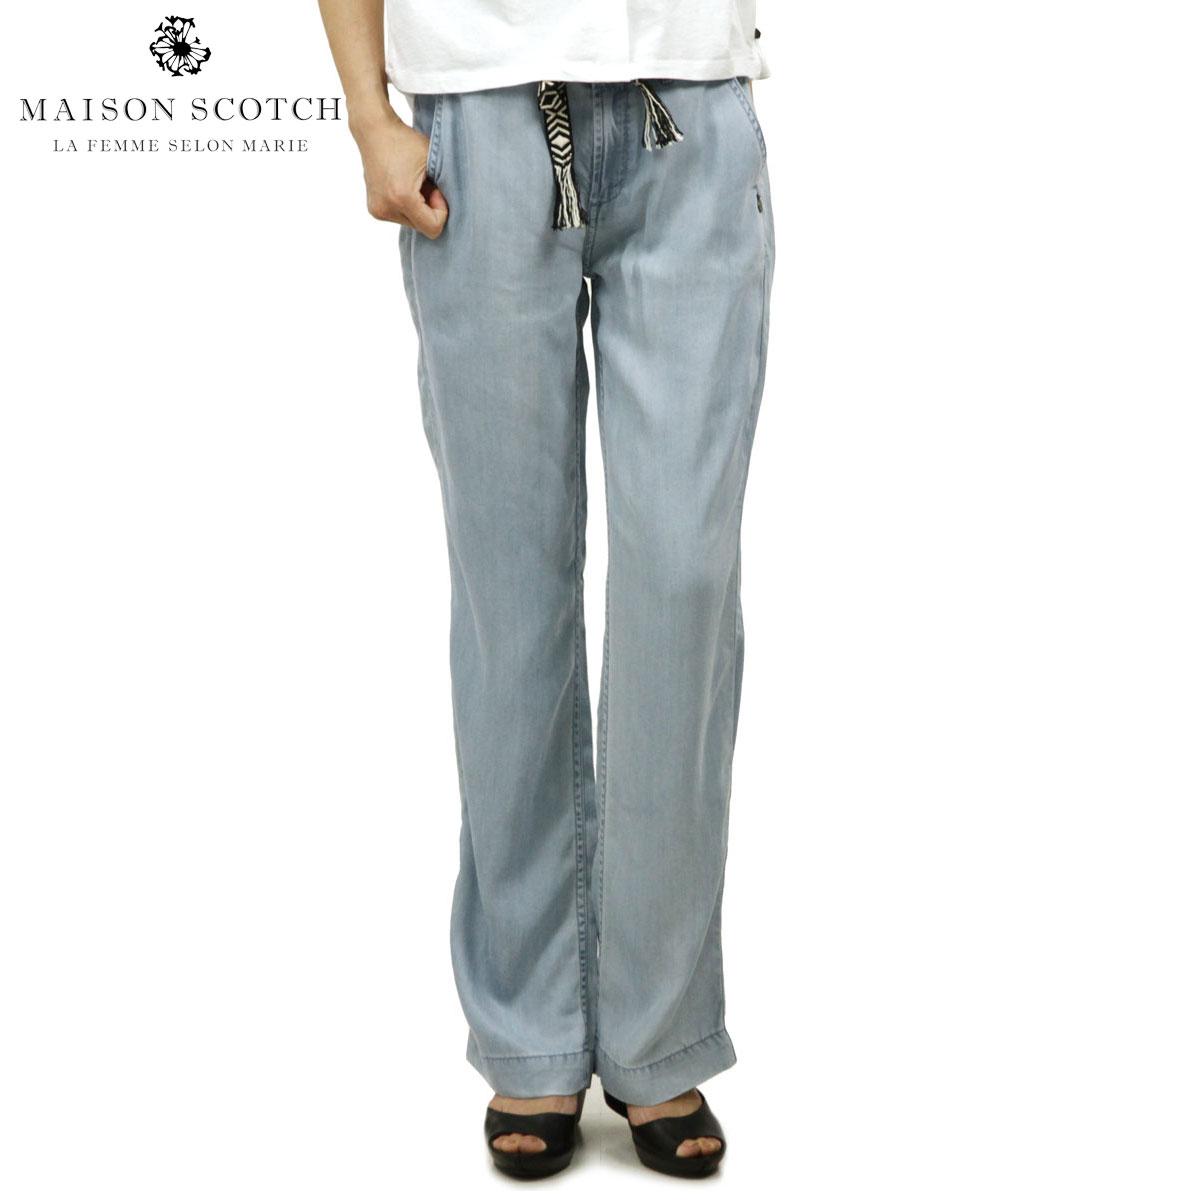 【販売期間 4/2 10:00~4/8 09:59】 メゾンスコッチ MAISON SCOTCH 正規販売店 レディース ロングパンツ New fit 'Dolly' wide leg pants, sold with a belt 131460 61 D15S25